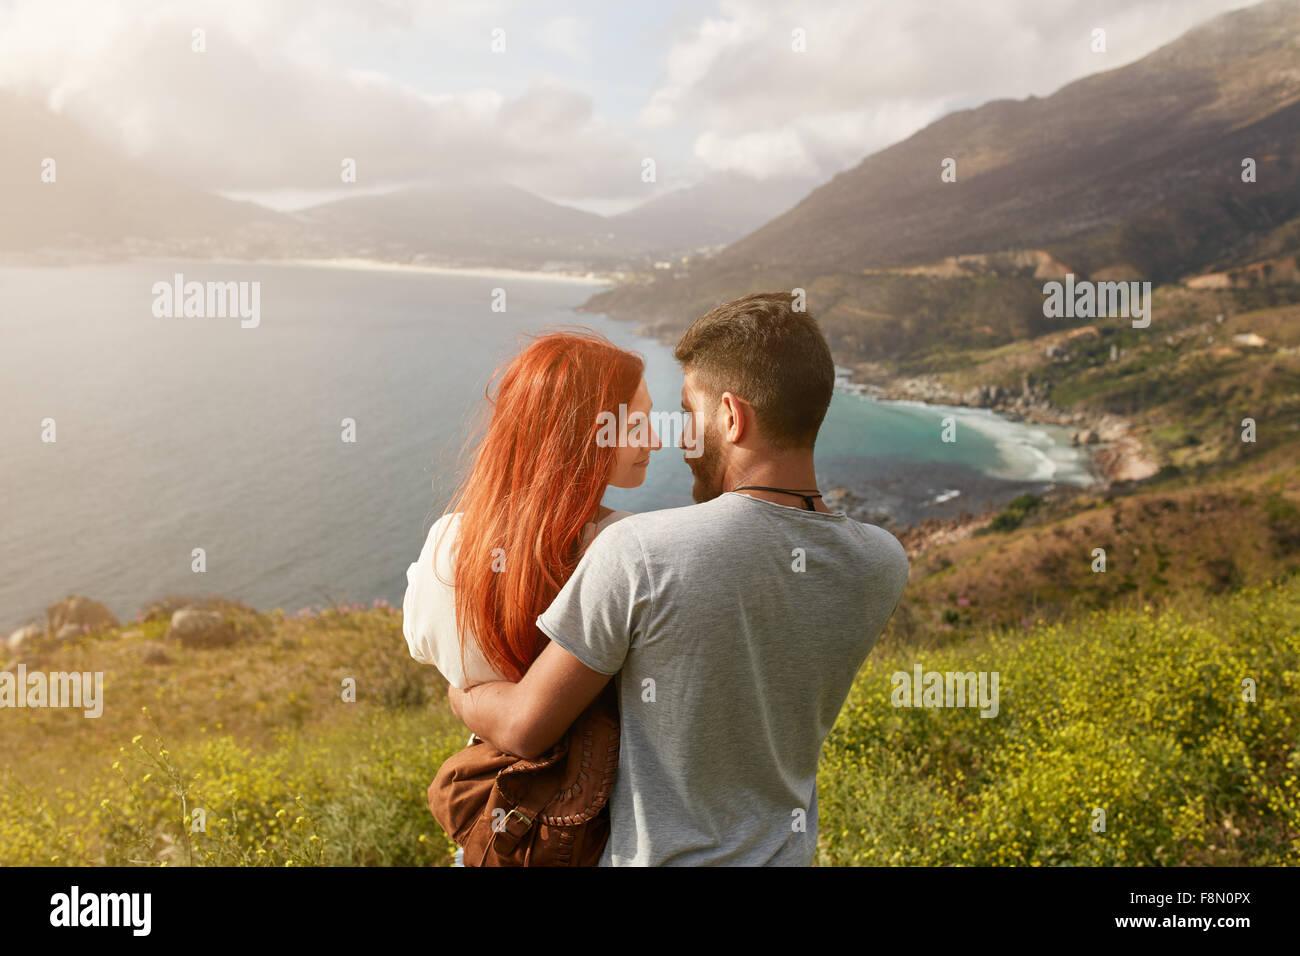 Romantische junges Paar umarmt und sahen einander an einem sonnigen Tag im Freien. Mann und Frau, die in jedem anderen Stockbild